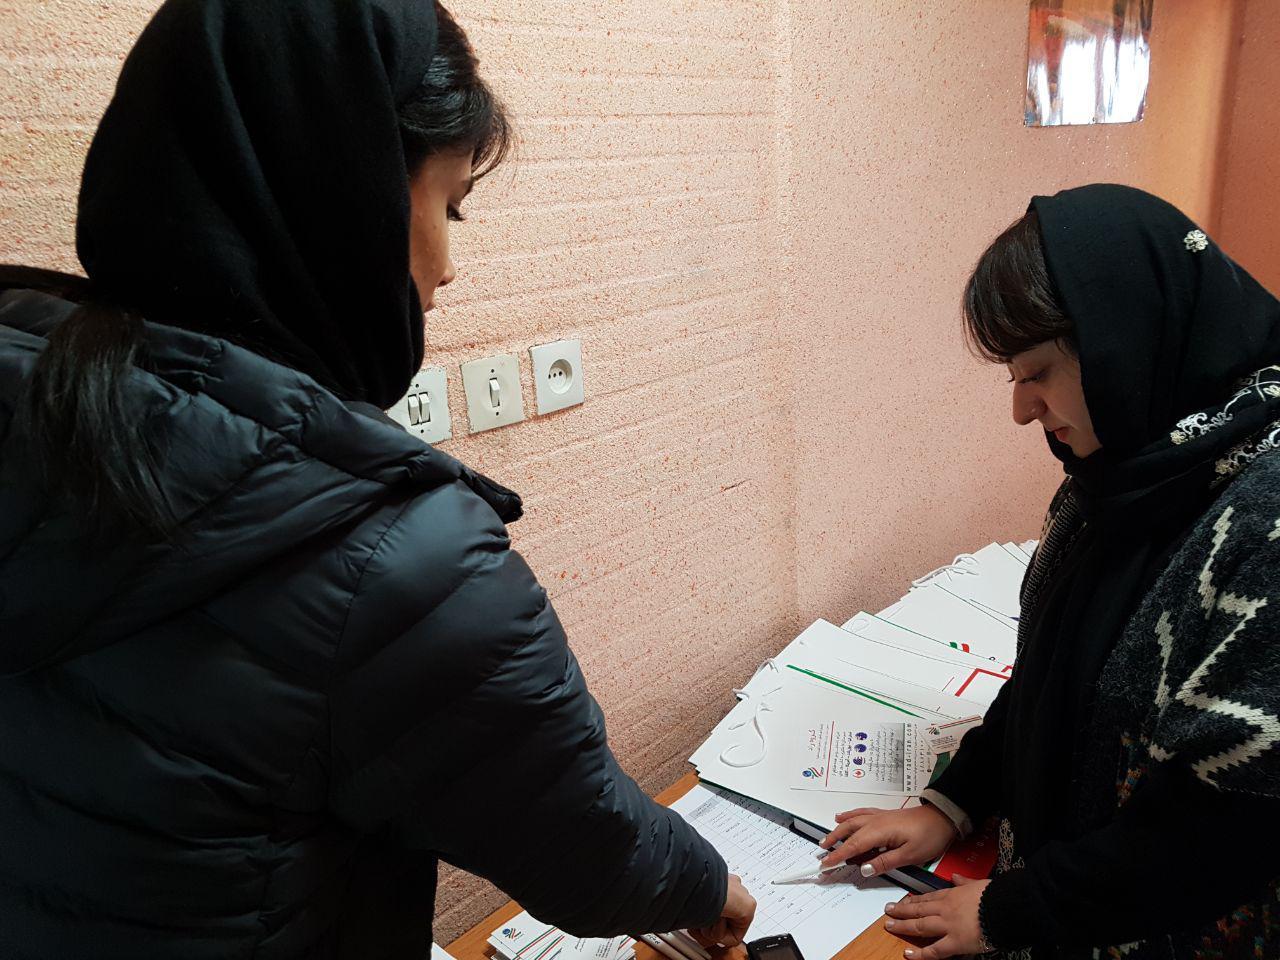 جلسه پرسش و پاسخ در موسسه زبان بهار شیراز